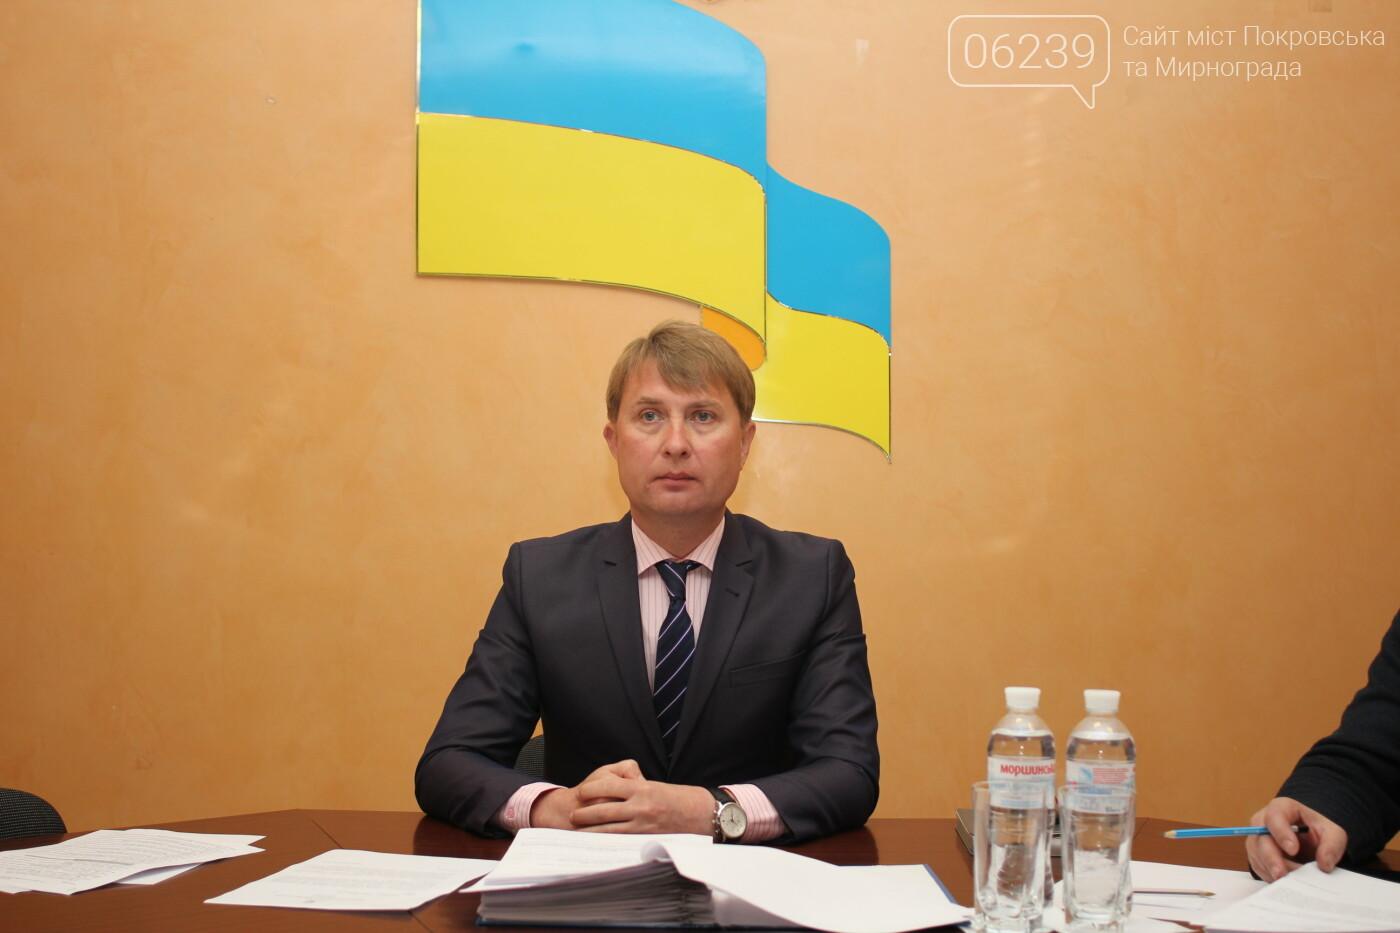 Изменения в бюджете и новый начальник отдела здравоохранения: в Мирнограде состоялась 72-я сессия горсовета, фото-4